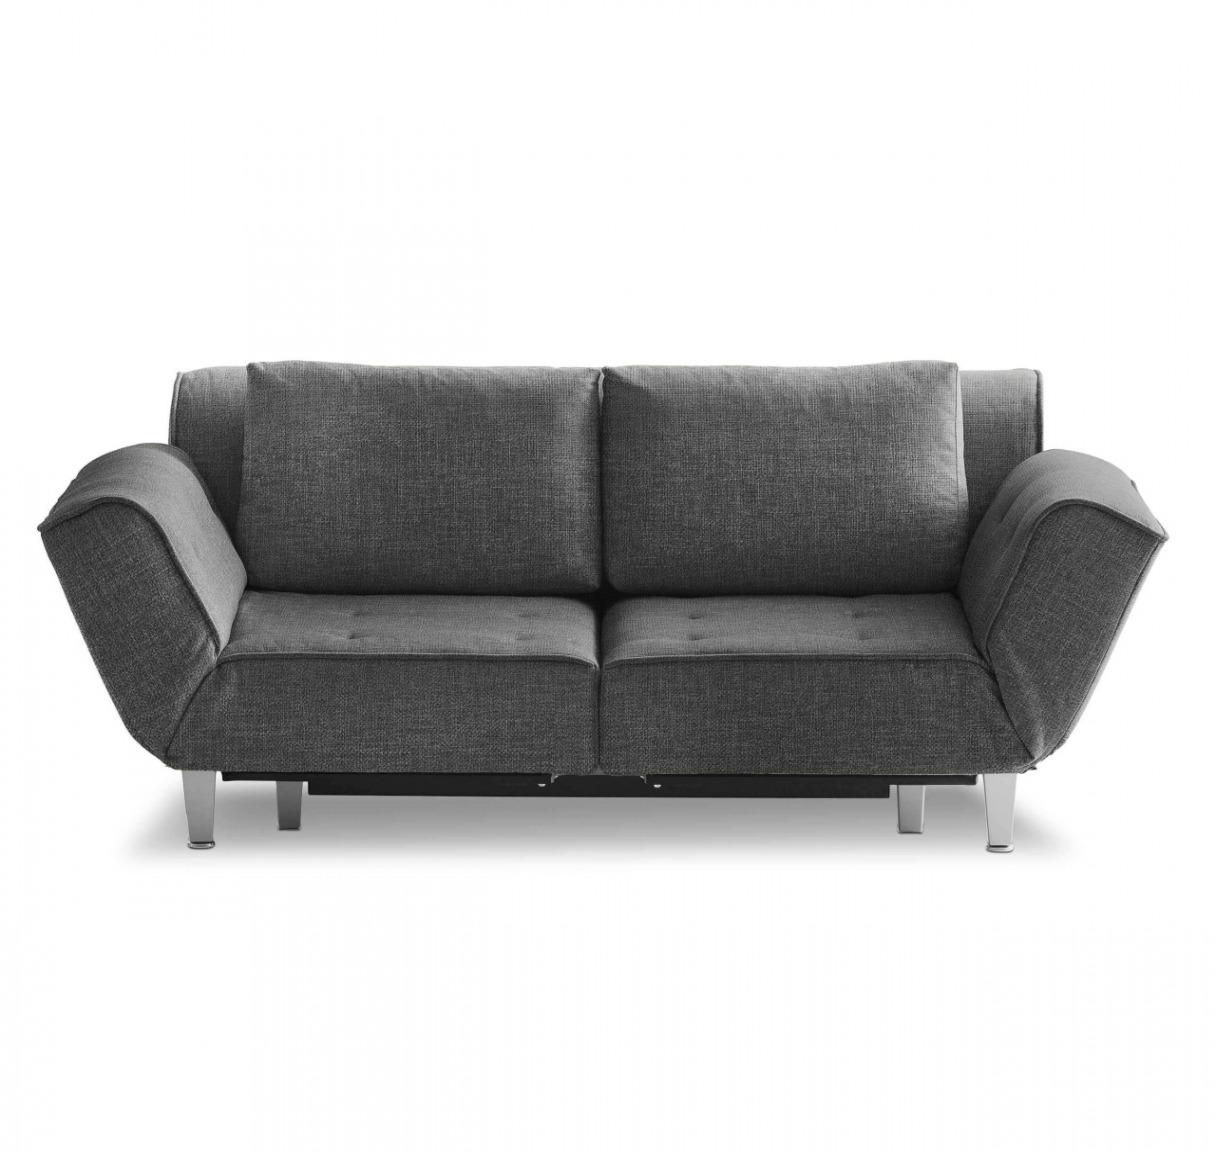 Full Size of Ektorp Sofa Ikea Loveseat With Pull Out Bed Couch Von Antik Mit Boxen Rattan Federkern Spannbezug Verstellbarer Sitztiefe Weiches U Form Antikes Auf Raten Kare Sofa Ektorp Sofa